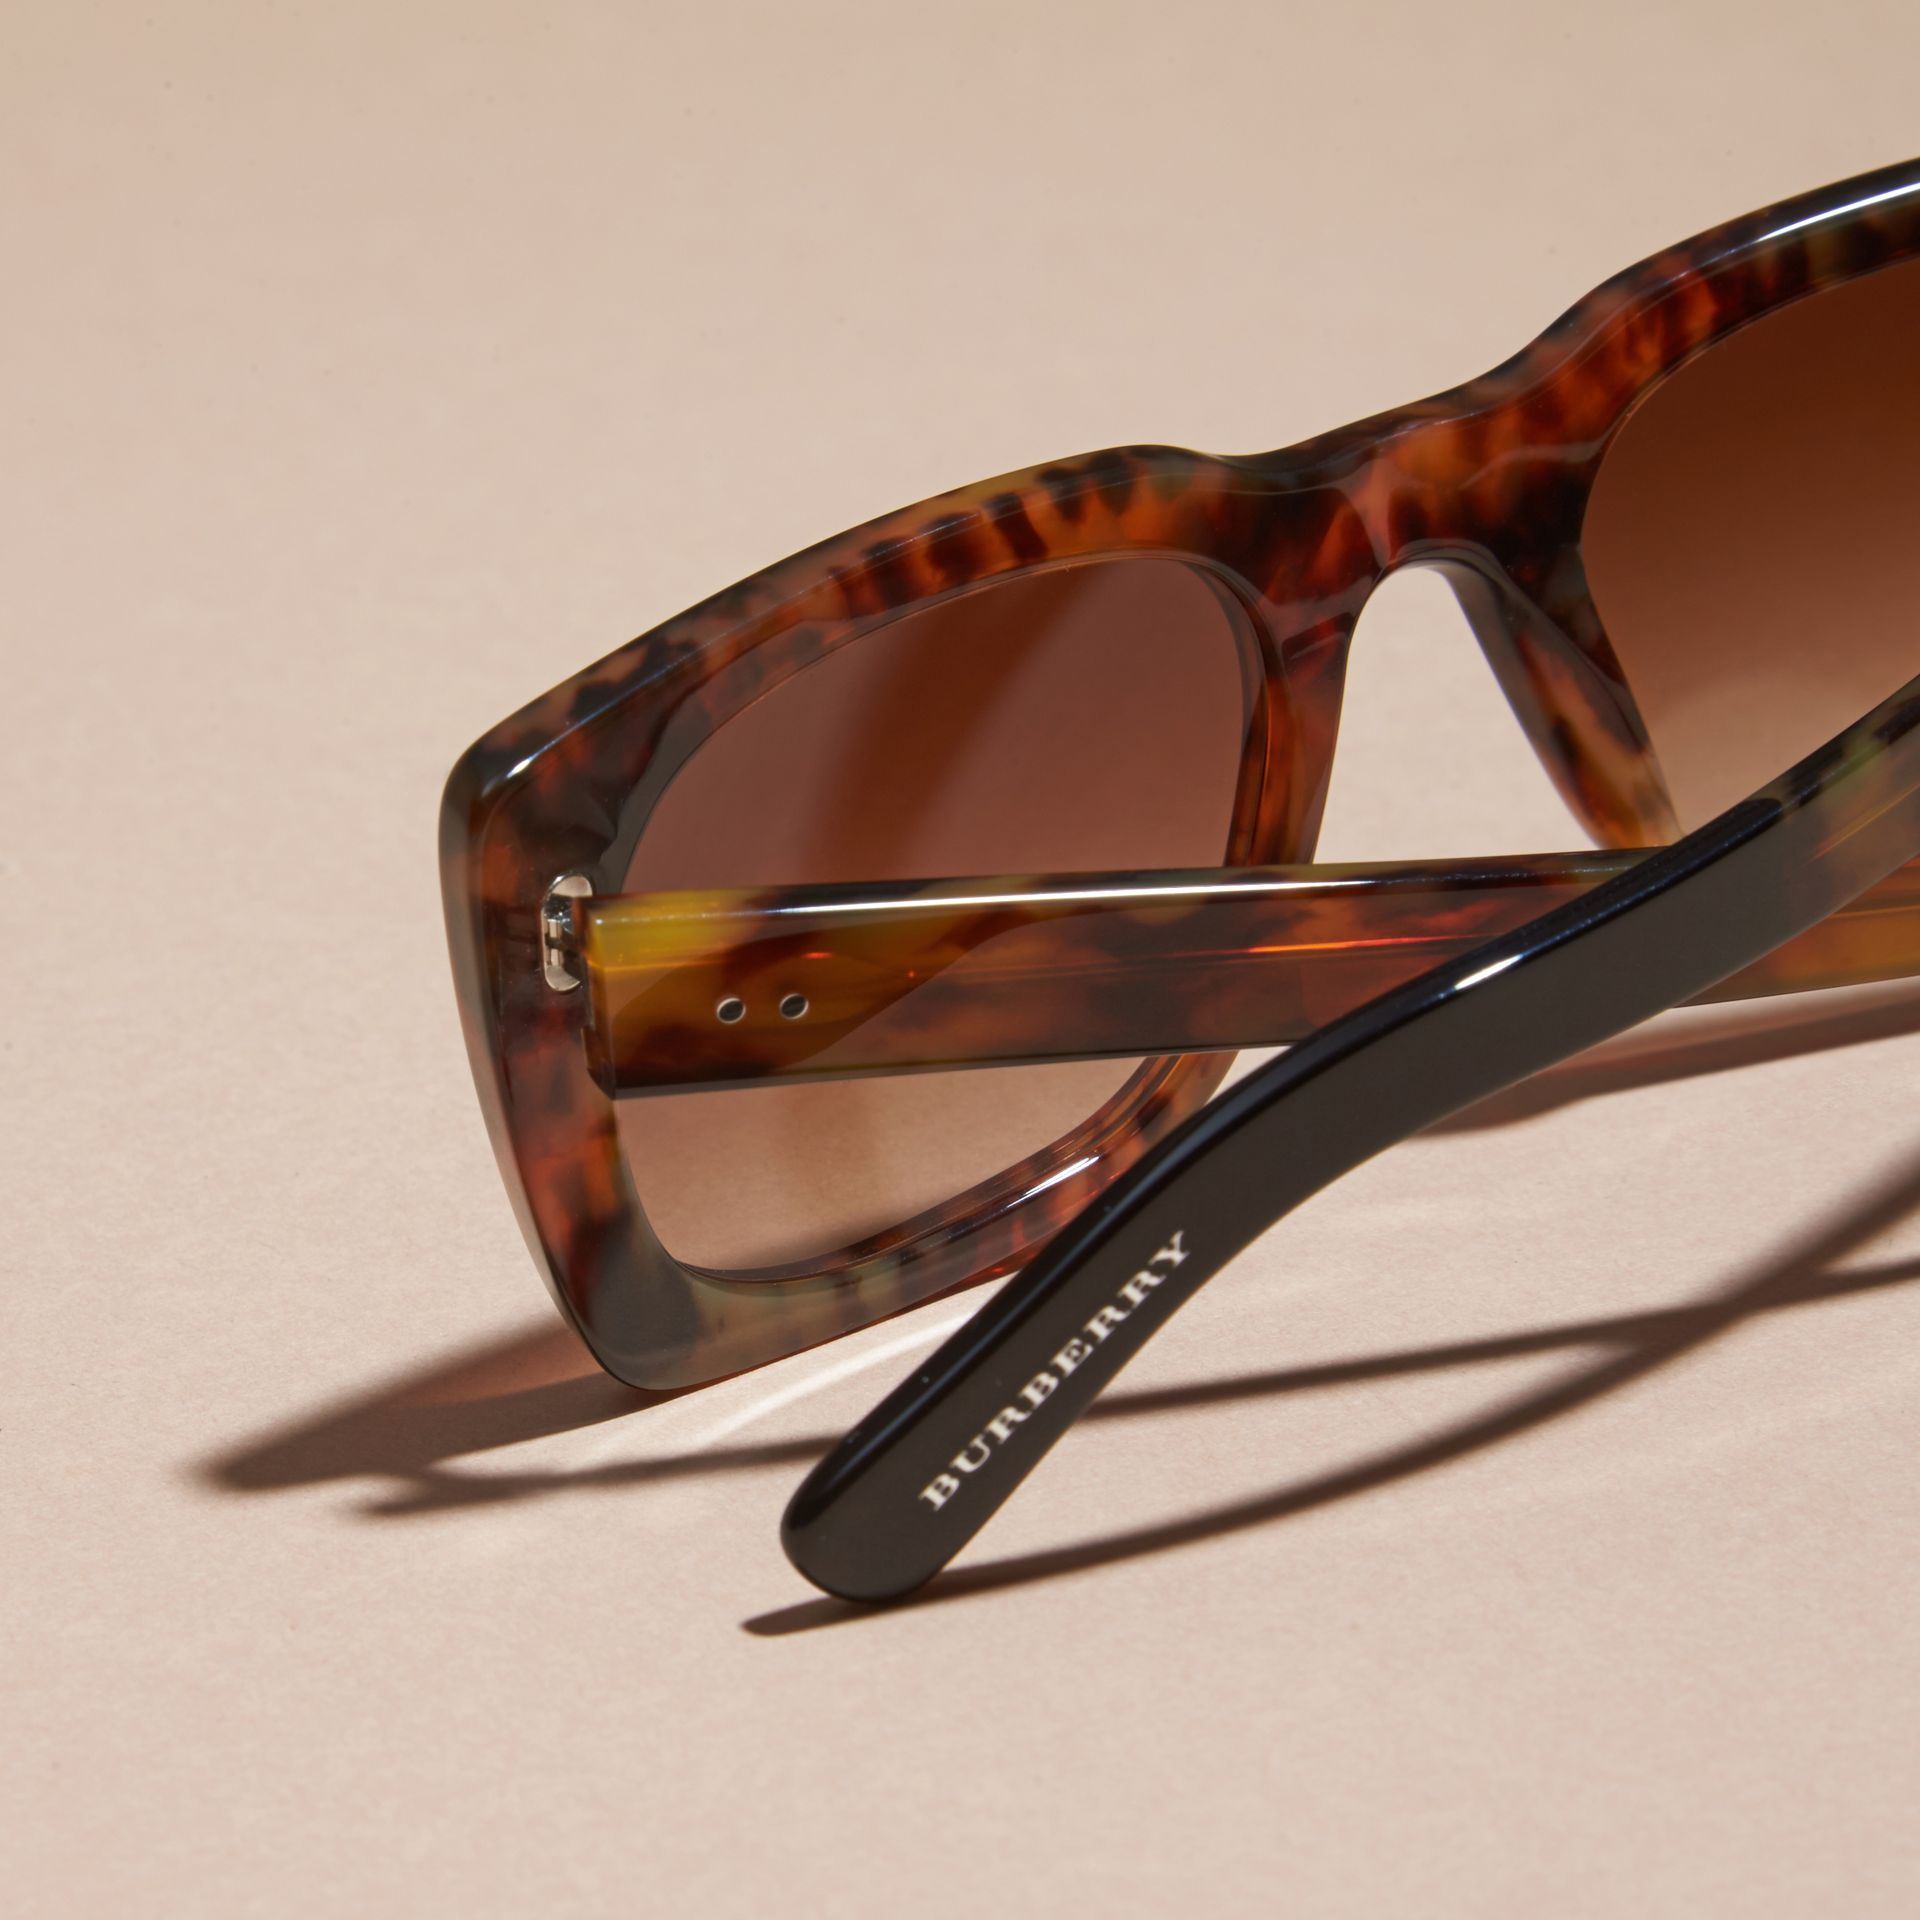 Tortoise shell Square Frame Sunglasses Tortoise Shell - gallery image 2